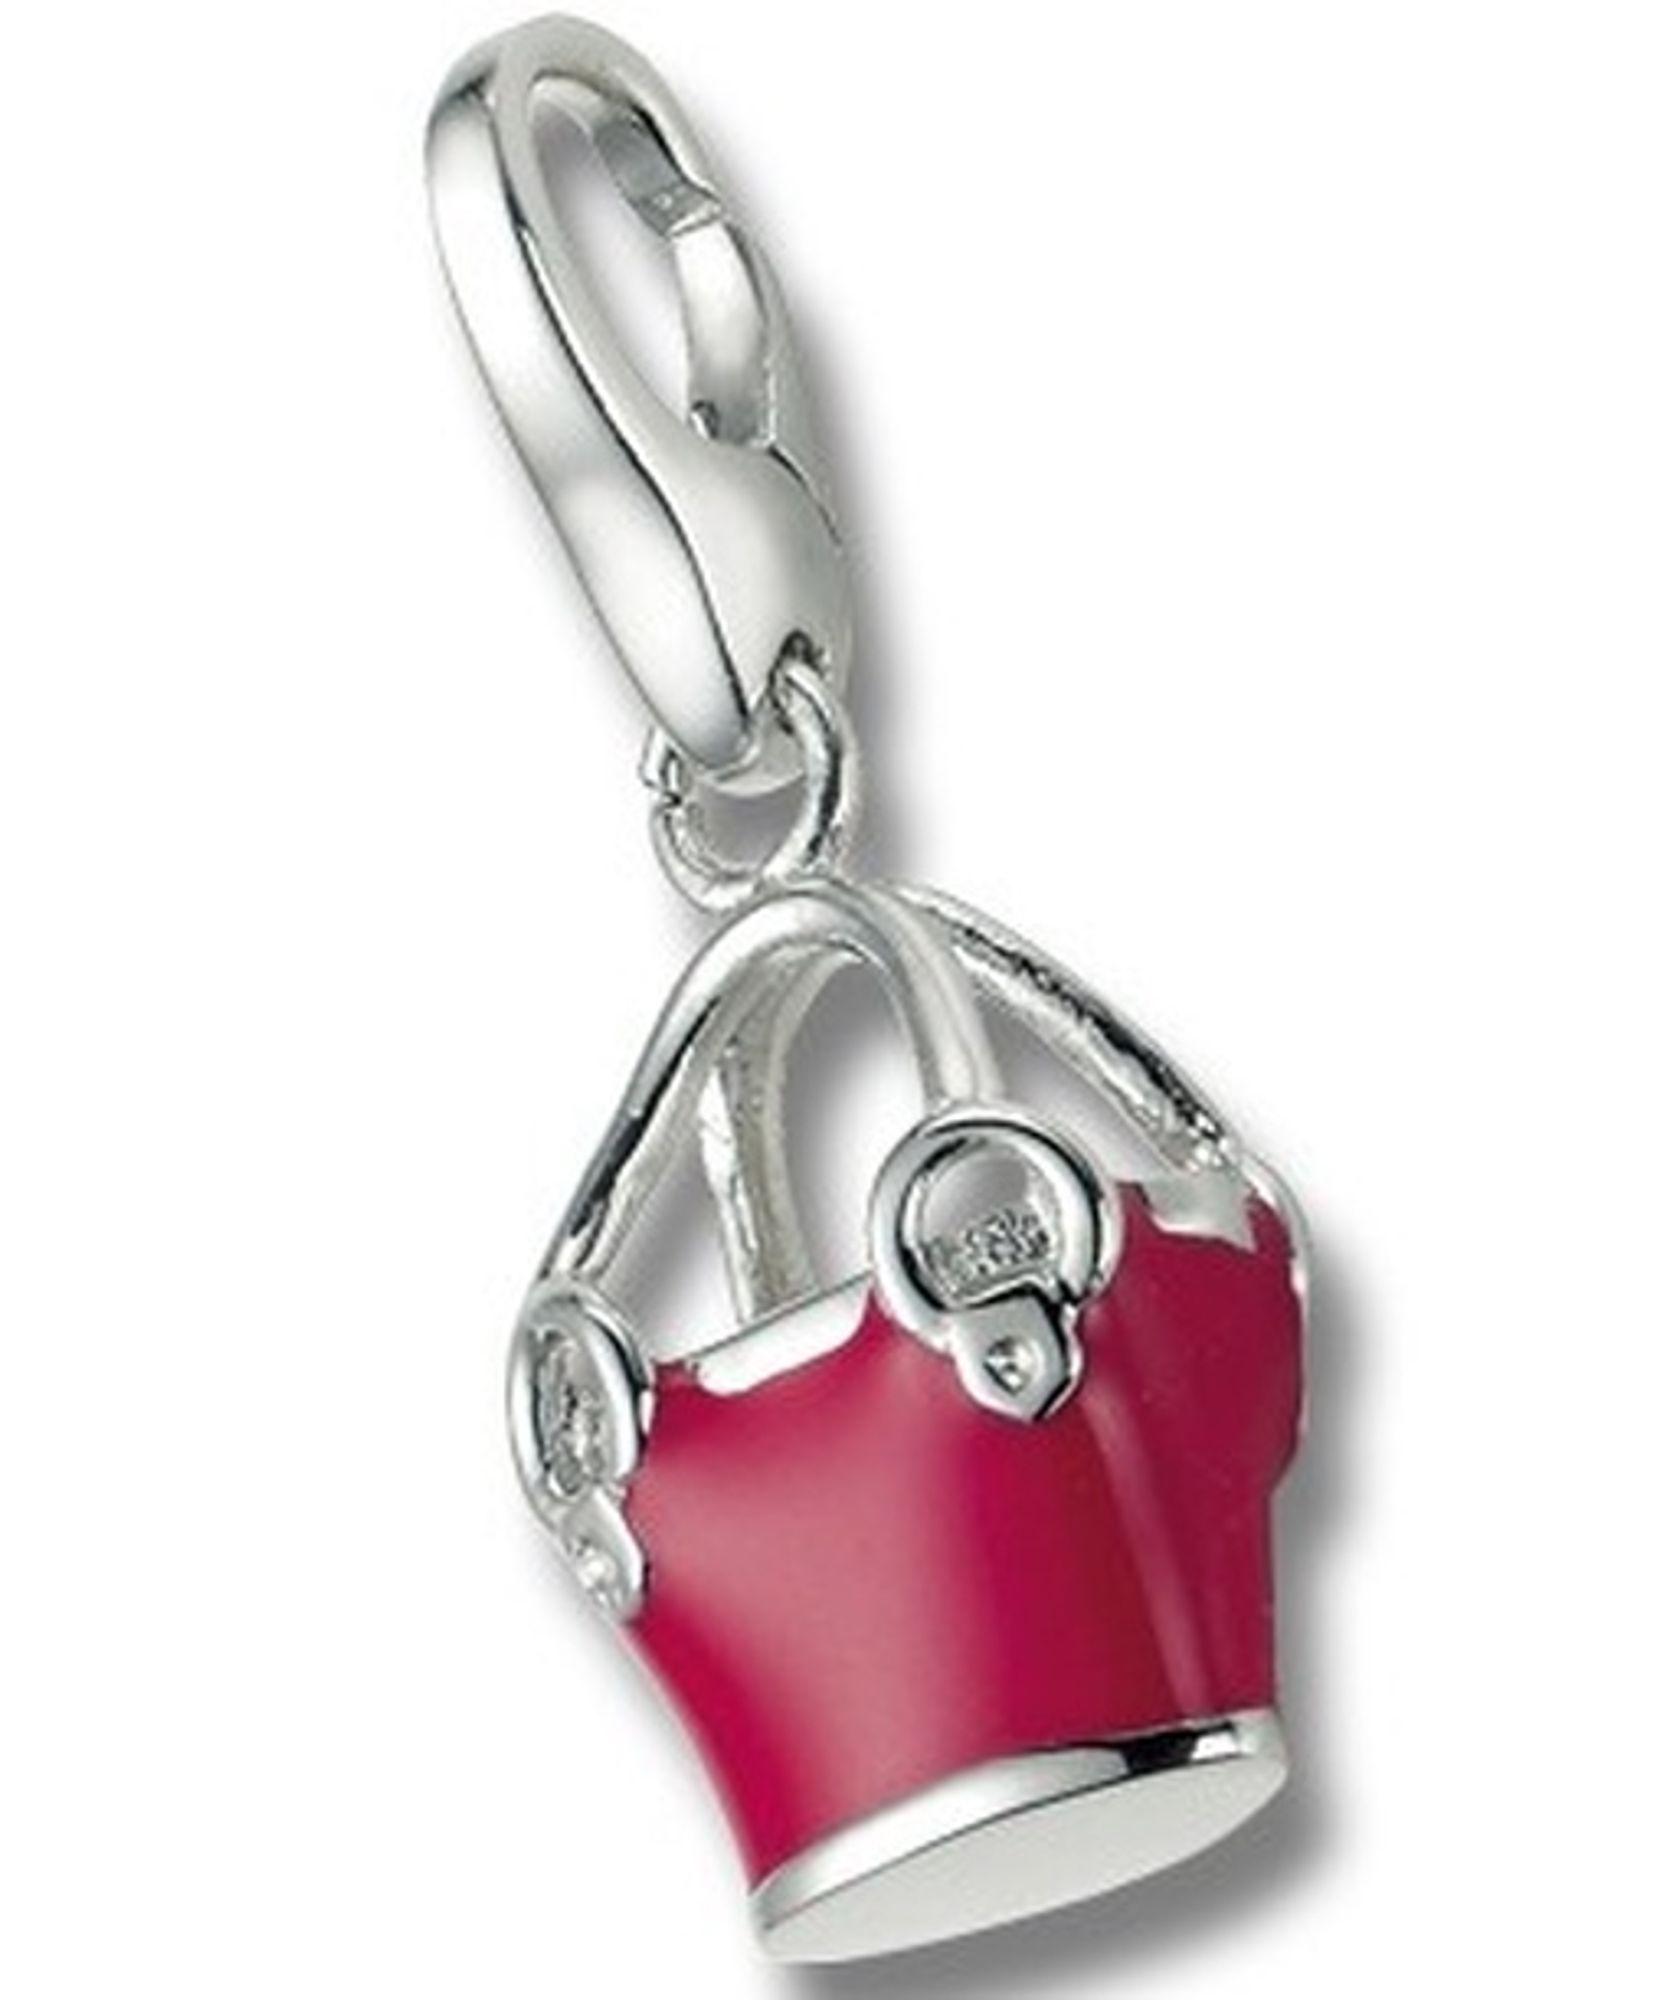 Giorgio Martello 352-805889 Charms Charm Silber Einkaufstasche pink